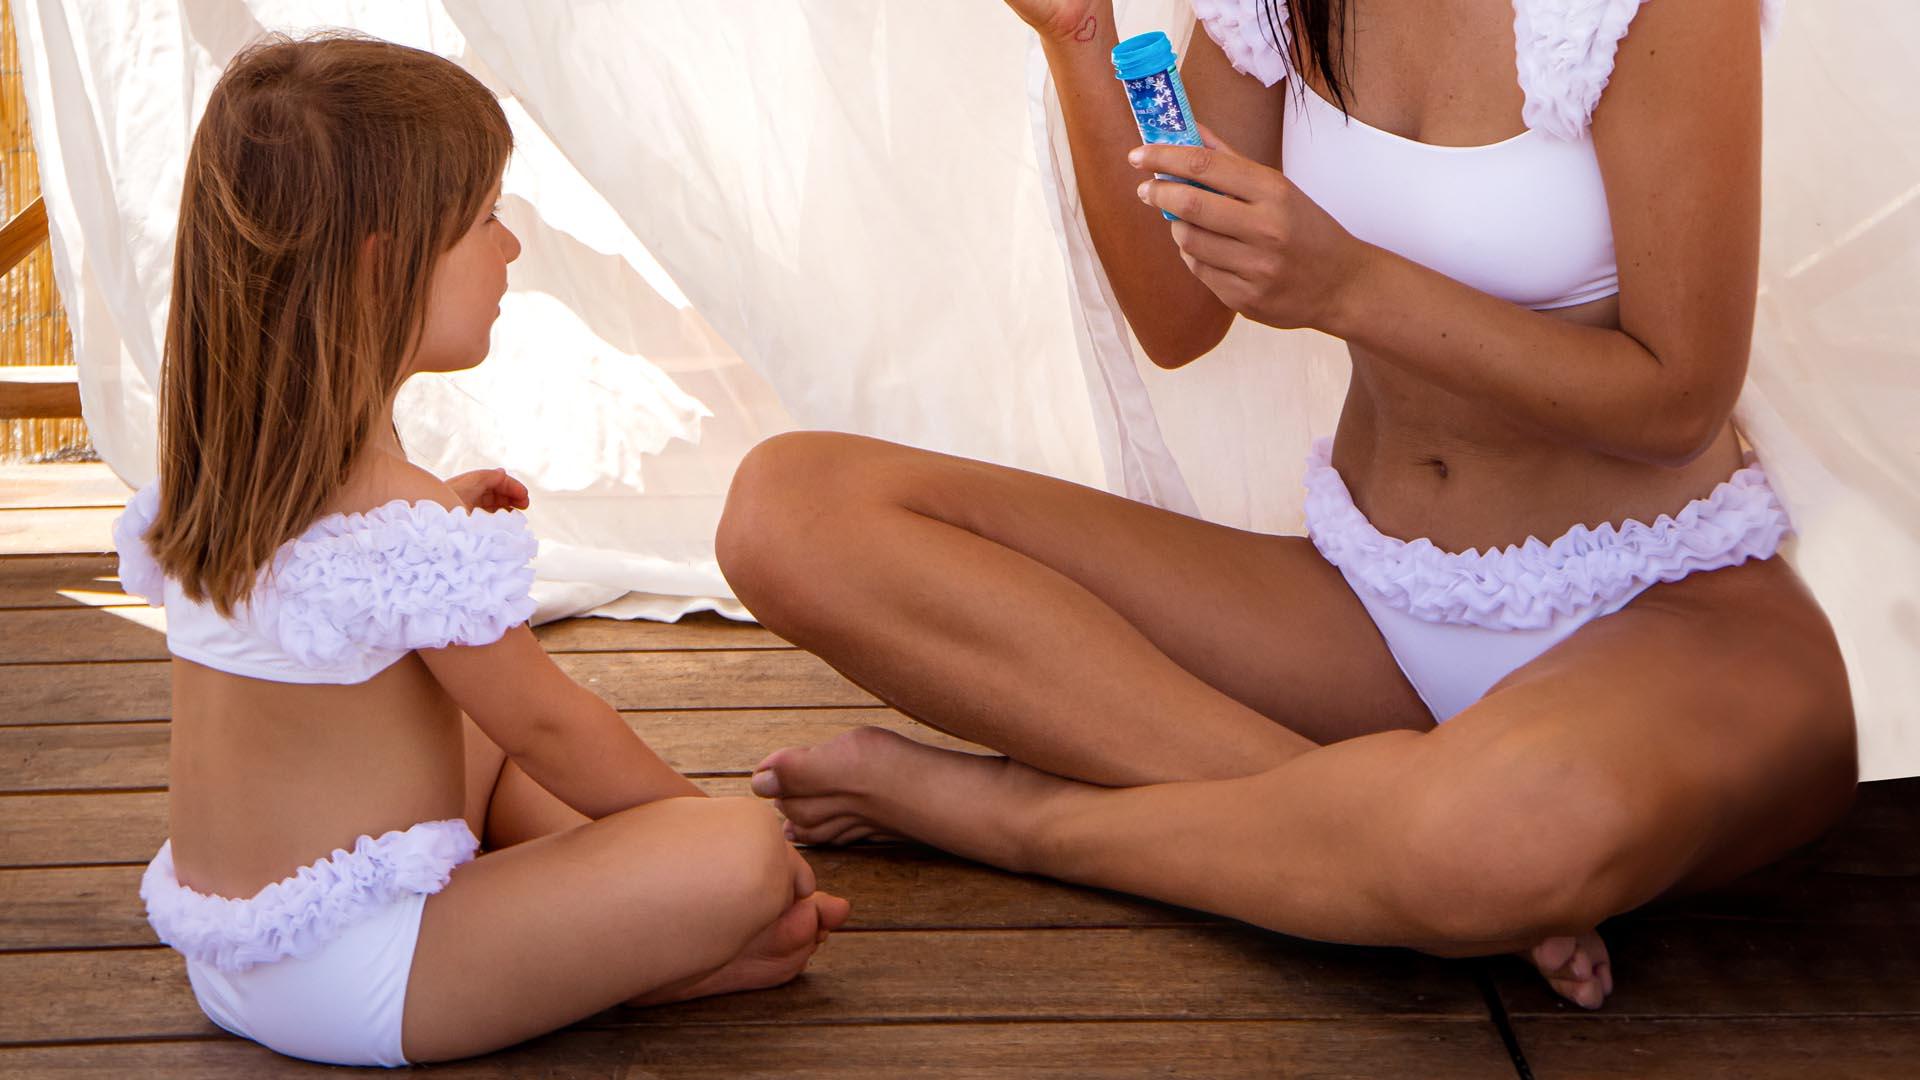 Baby Scarlet 3D tulle bikini